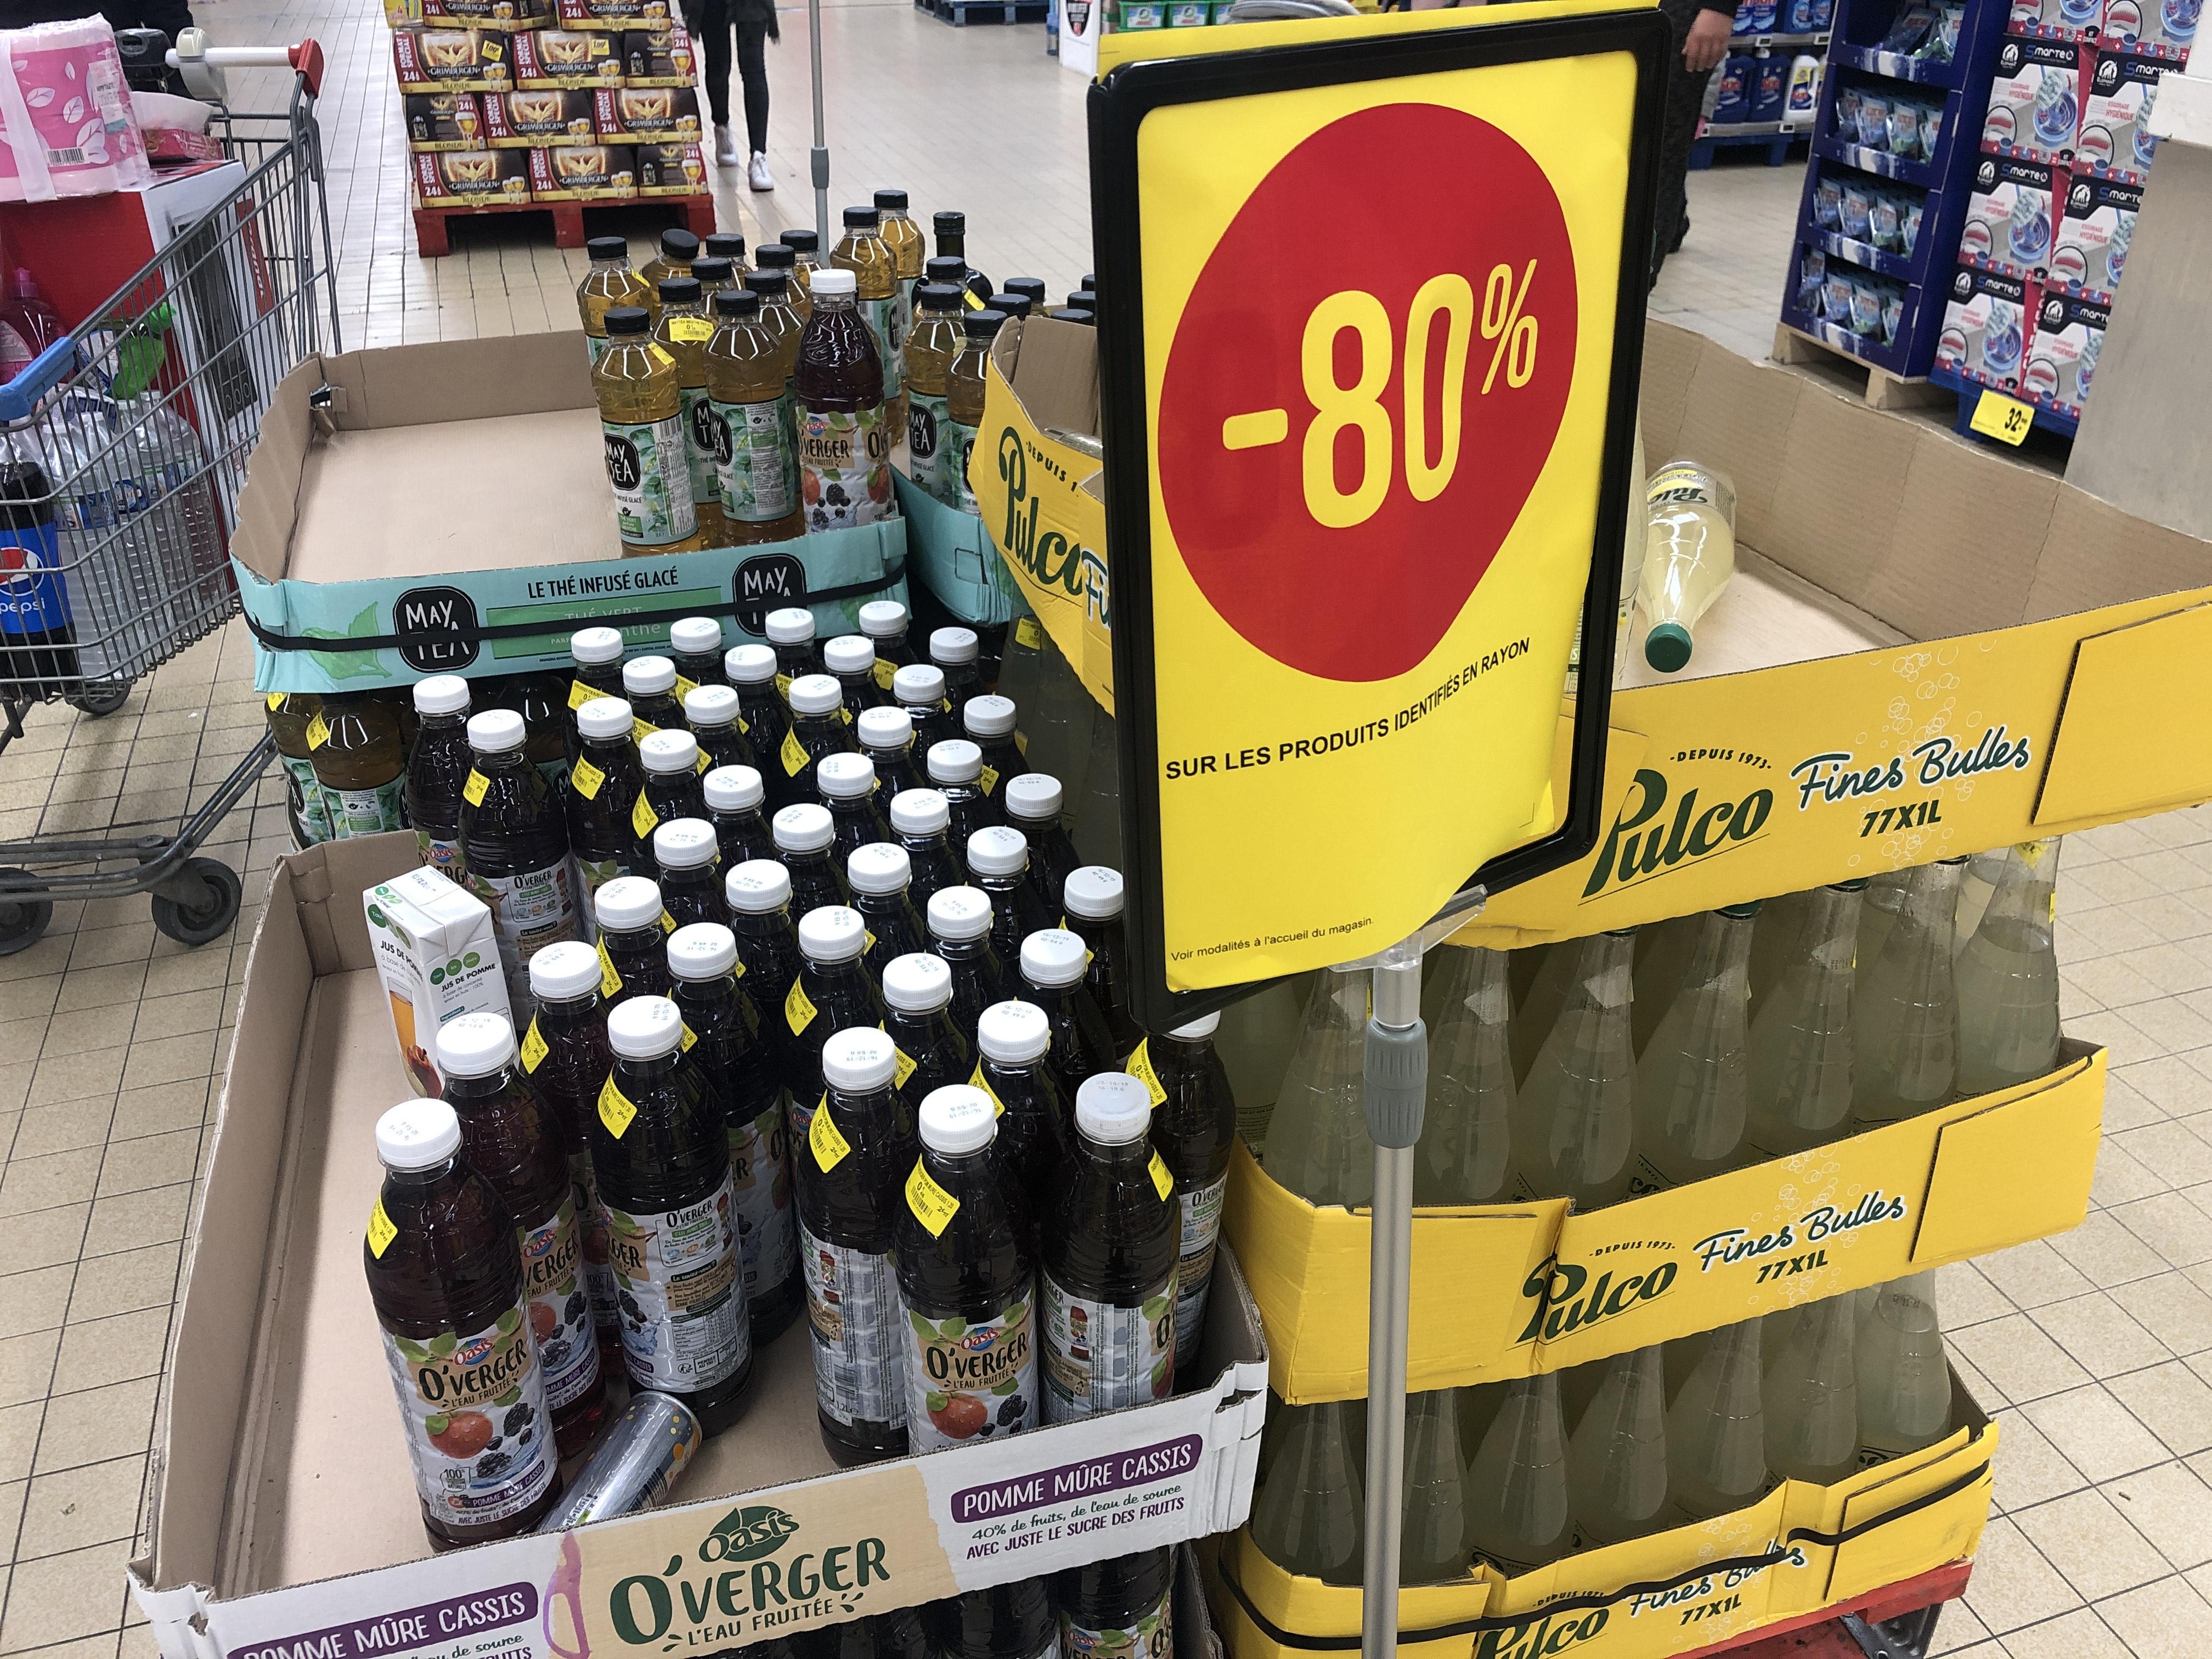 80% de réduction sur une sélection de boissons - Ex: May Tea 1L à 0.38€ - Béziers (34)